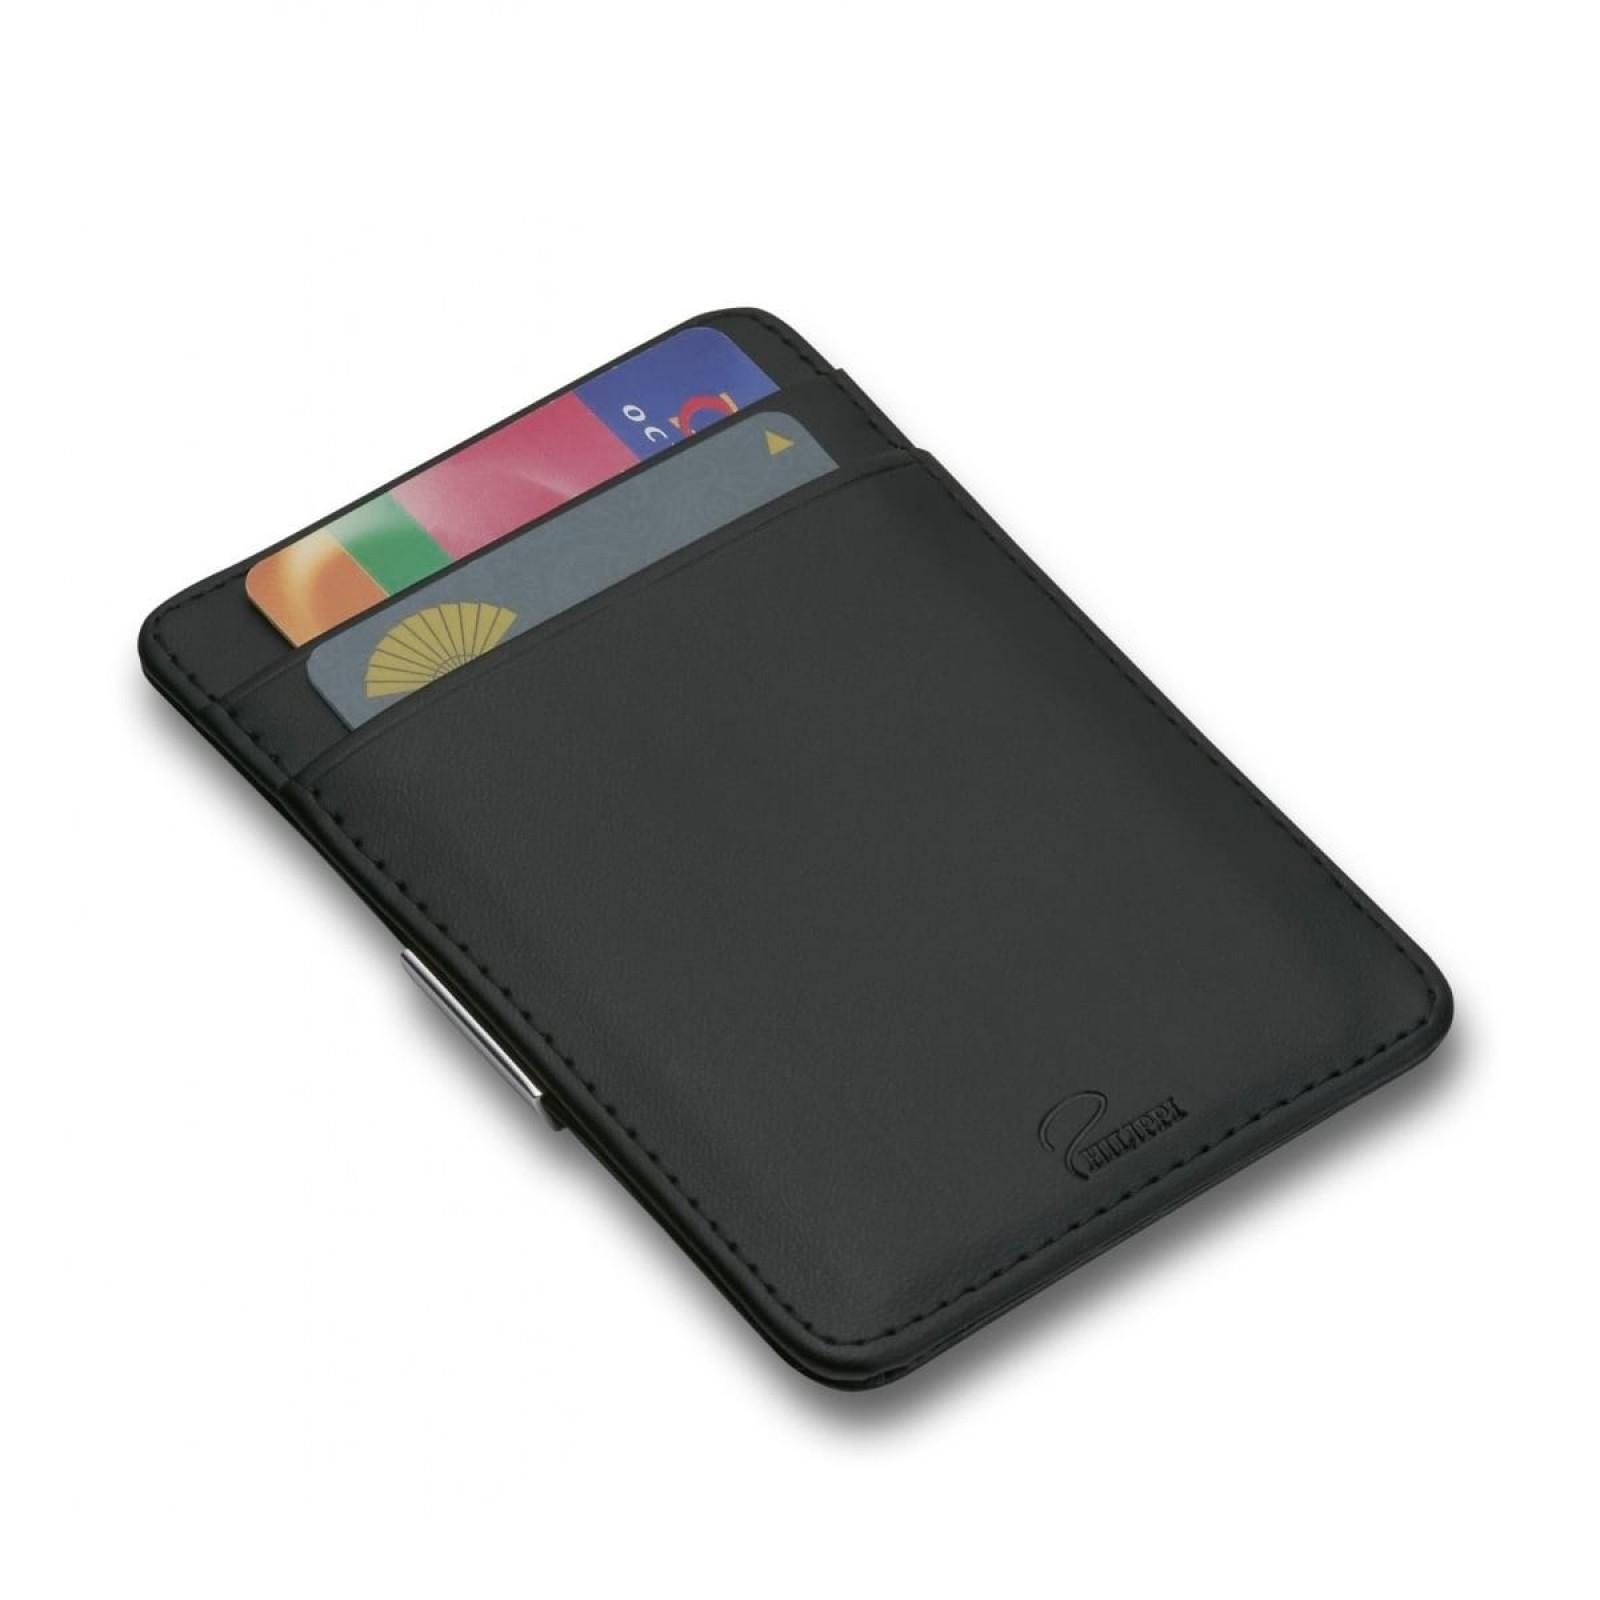 GIORGIO Credit Card Case with Money Clip - Philippi